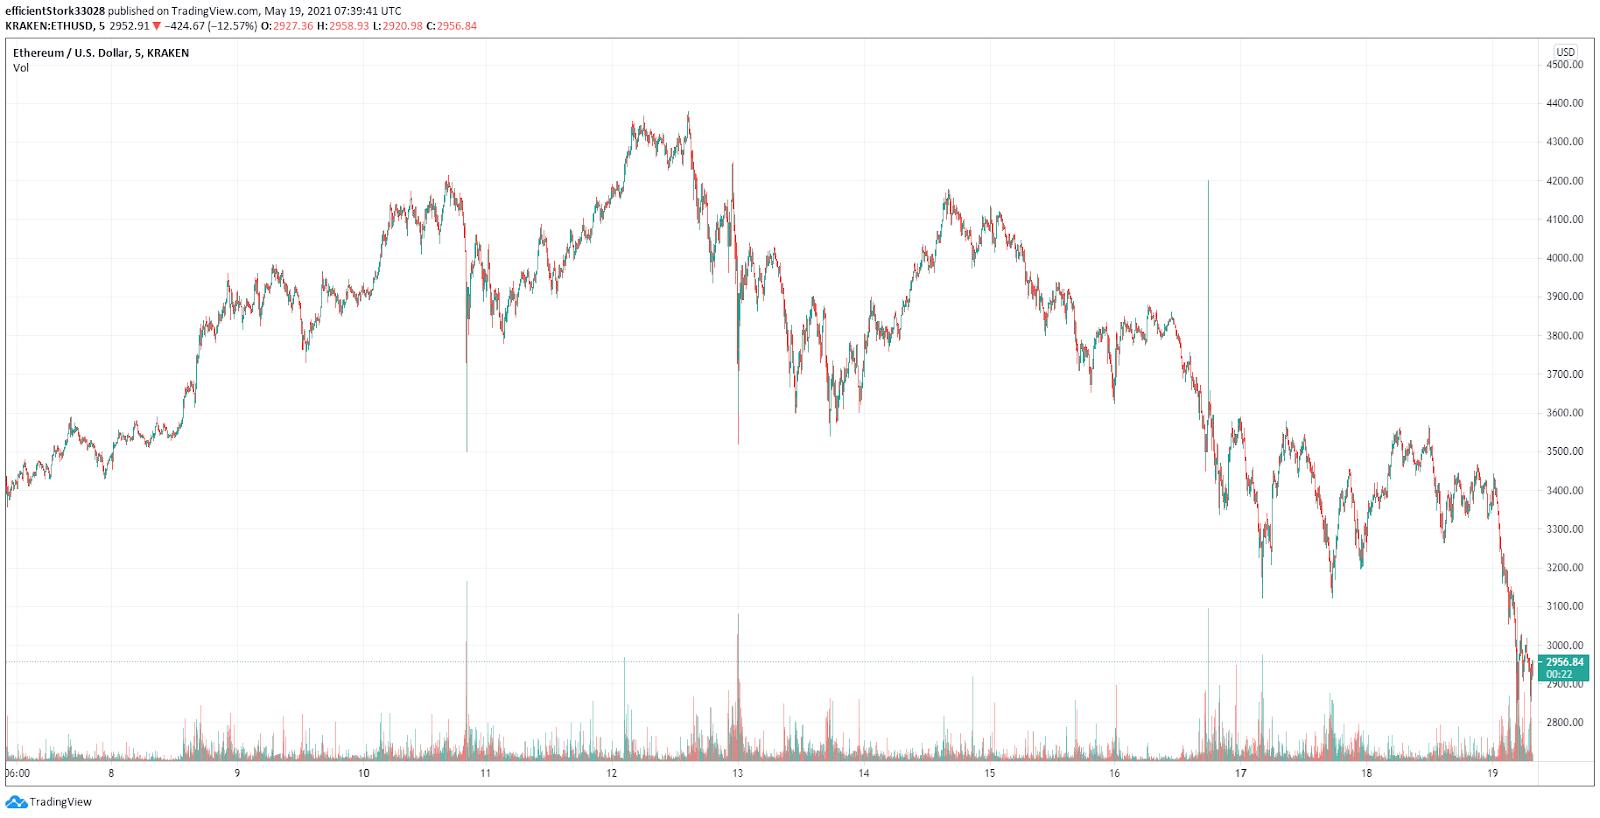 Ethereum sees a major correction as it once again follows Bitcoin's lead 2021